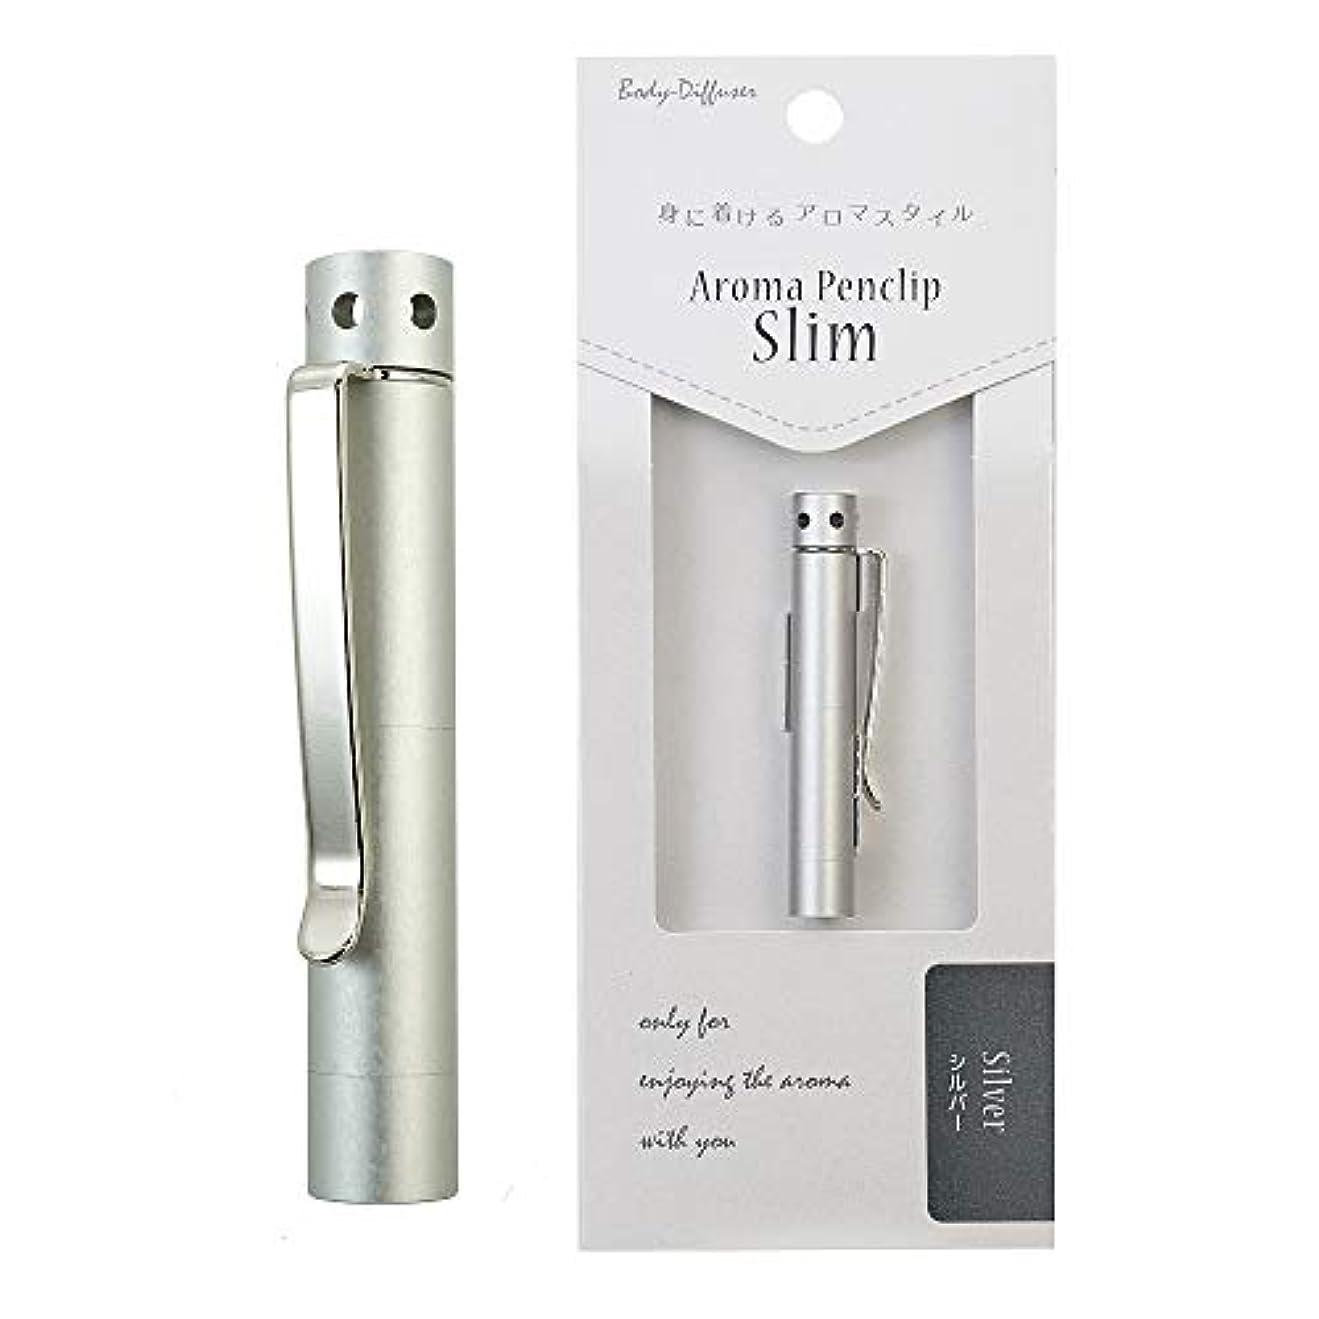 分類する正しく請願者ボディディフューザー (Body-Diffuse) Body-Diffuser アロマペンクリップ SV 8mm×52mm